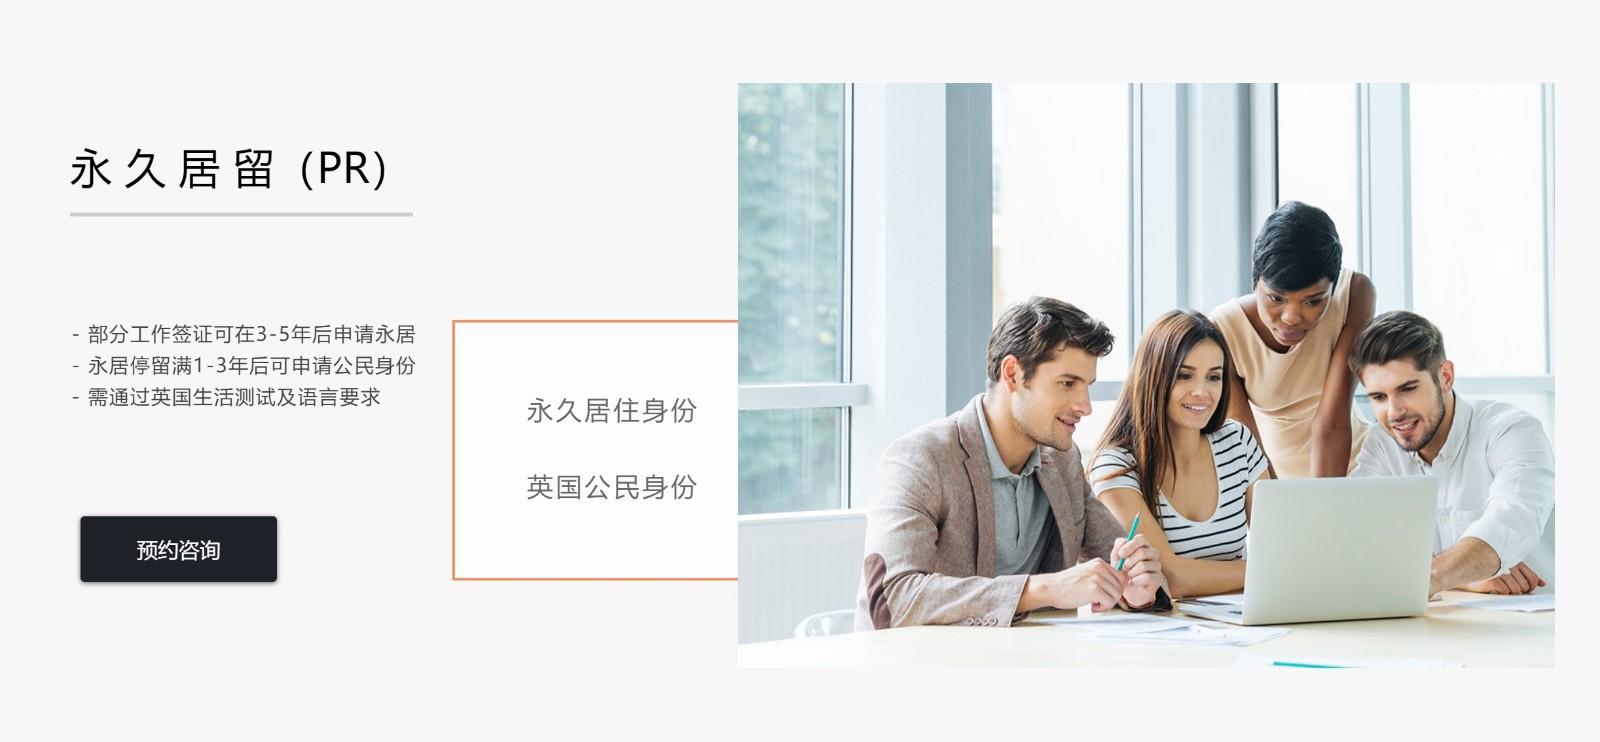 我们推荐外国人永久居留_永久居留签证相关-诺汉企业管理咨询